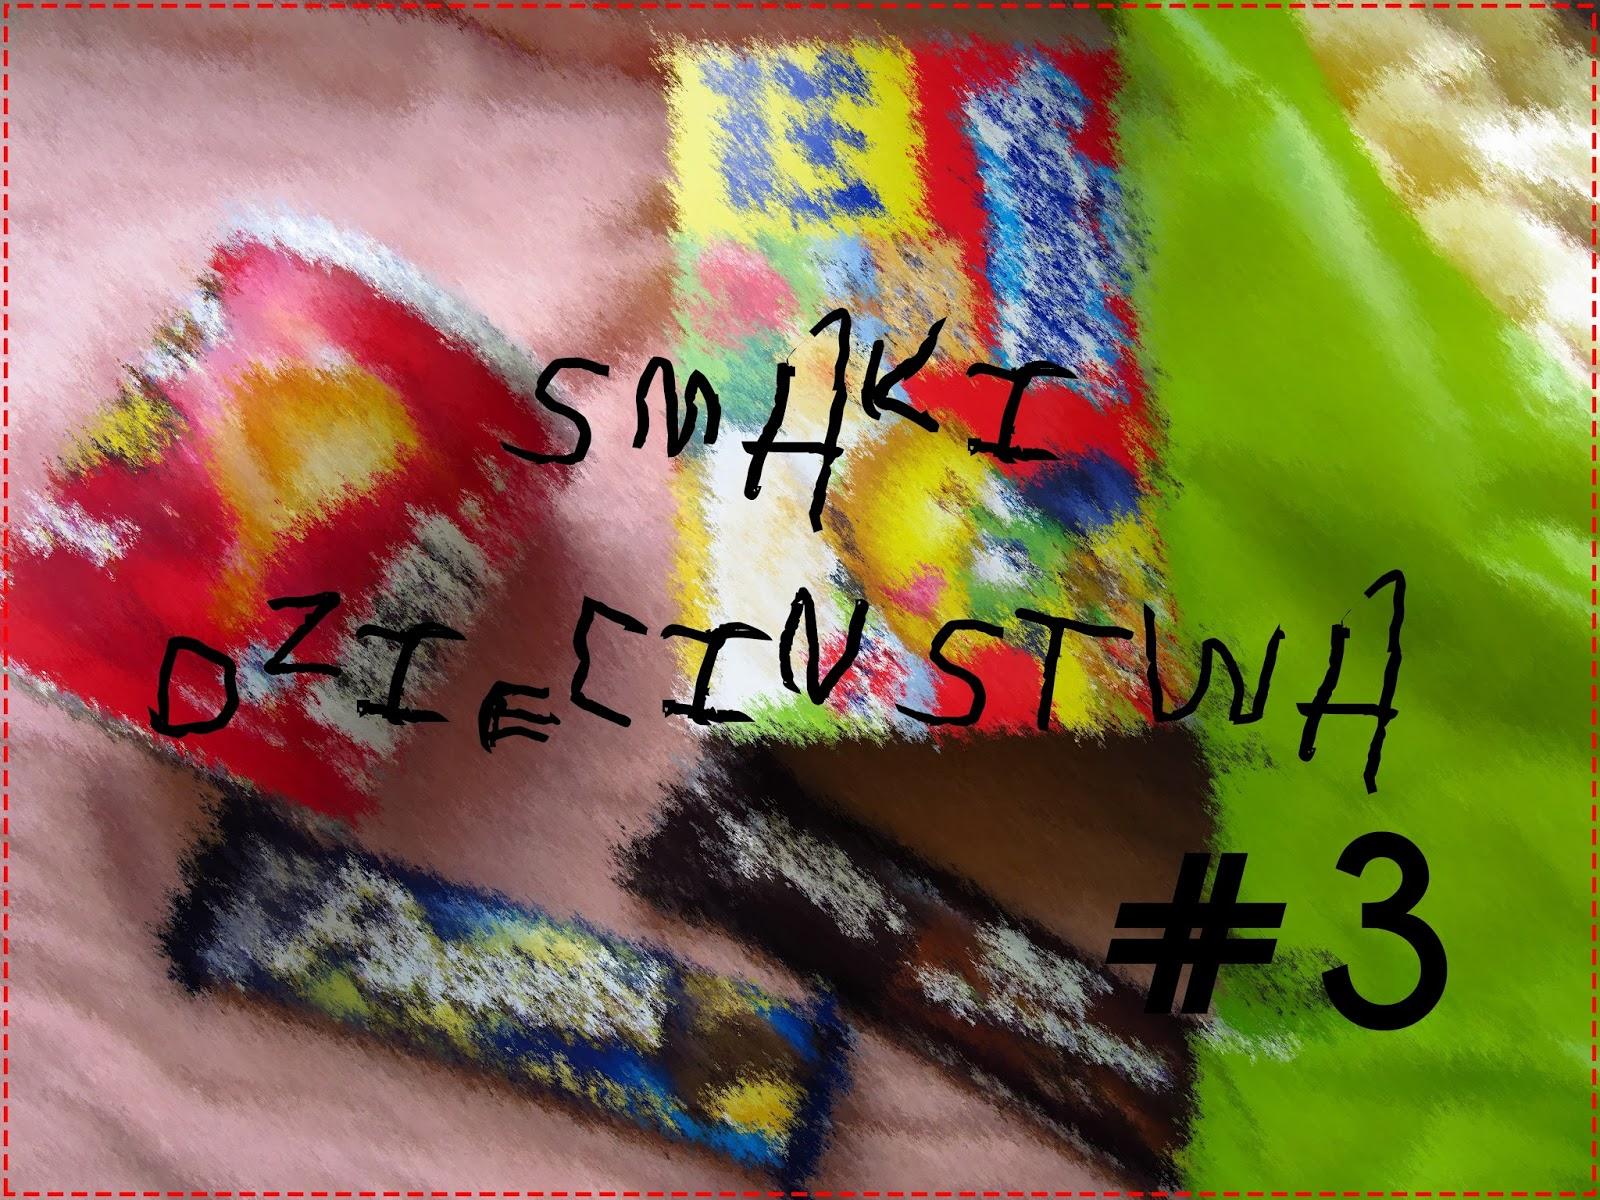 SMAKI DZIECIŃSTWA #3